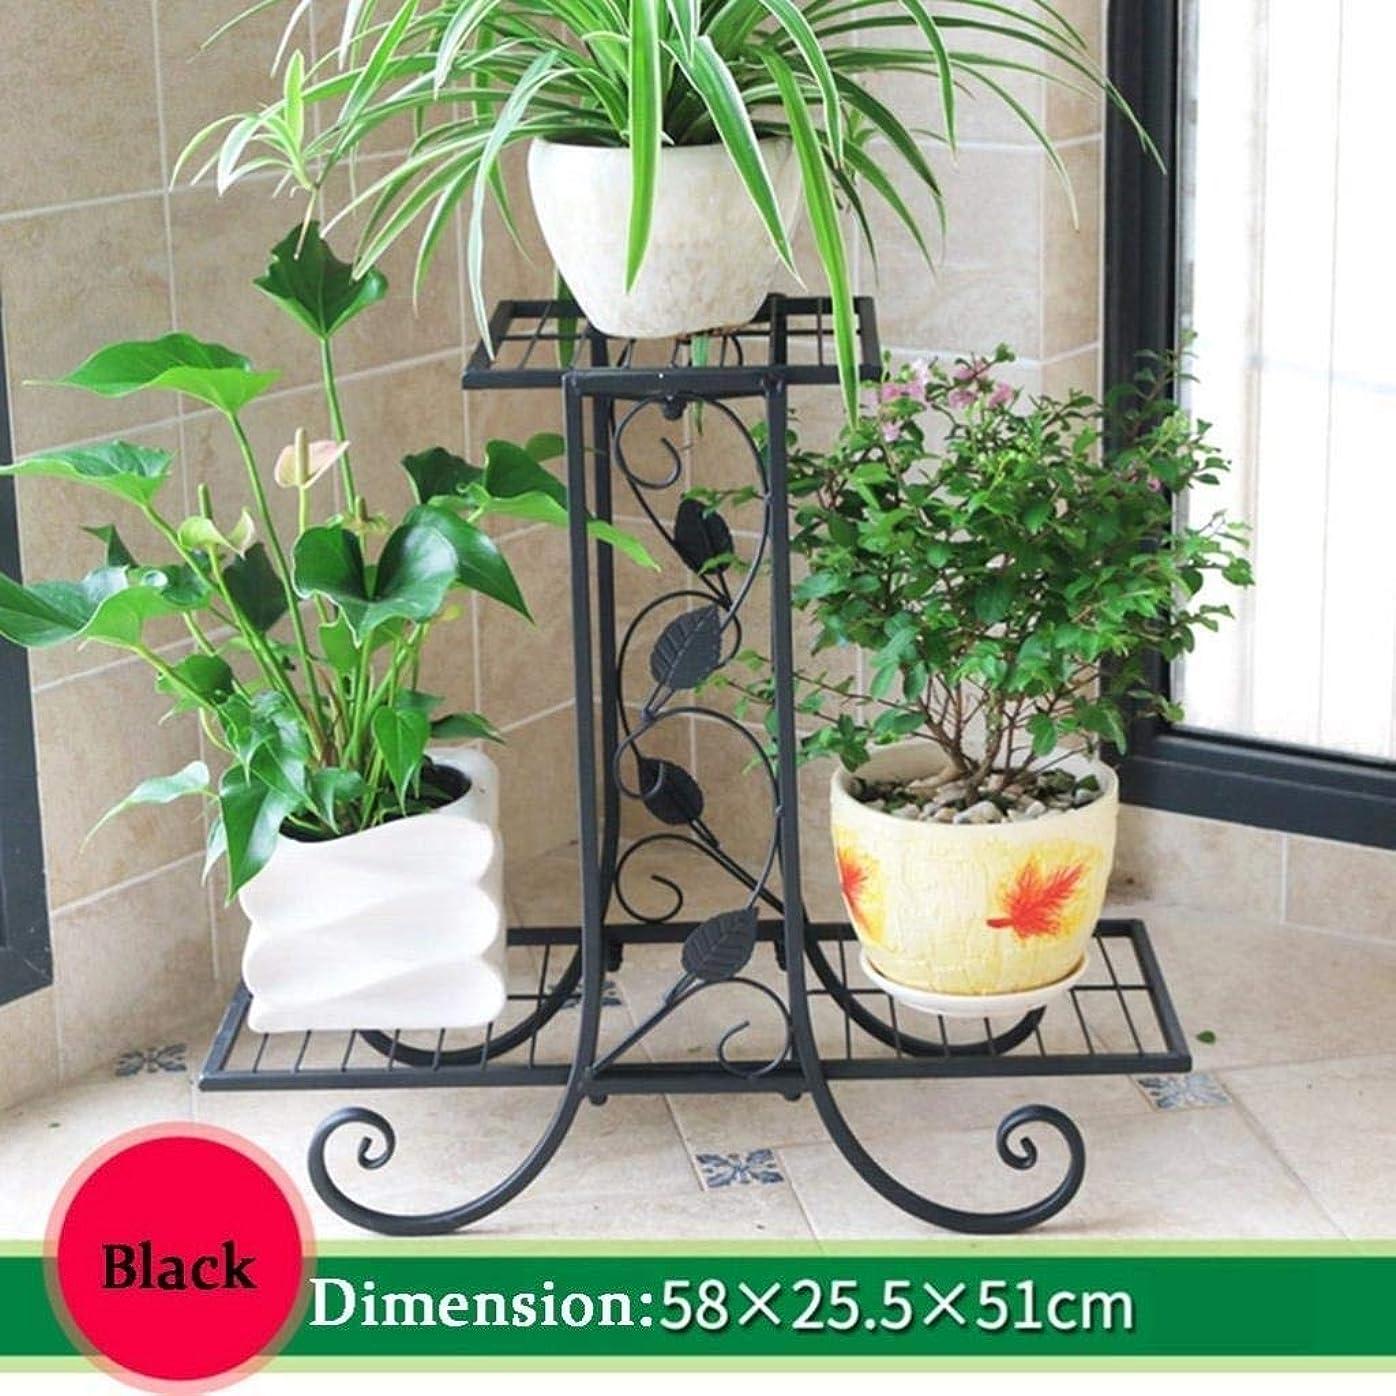 フォーカスシャイニング骨髄フラワースタンド、金属フロアスタンドフラワーポット植物ディスプレイスタンド、3層多機能ラック、屋内または屋外のリビングルーム、バルコニー、庭の装飾フレーム58×25×51センチ (Color : Black)